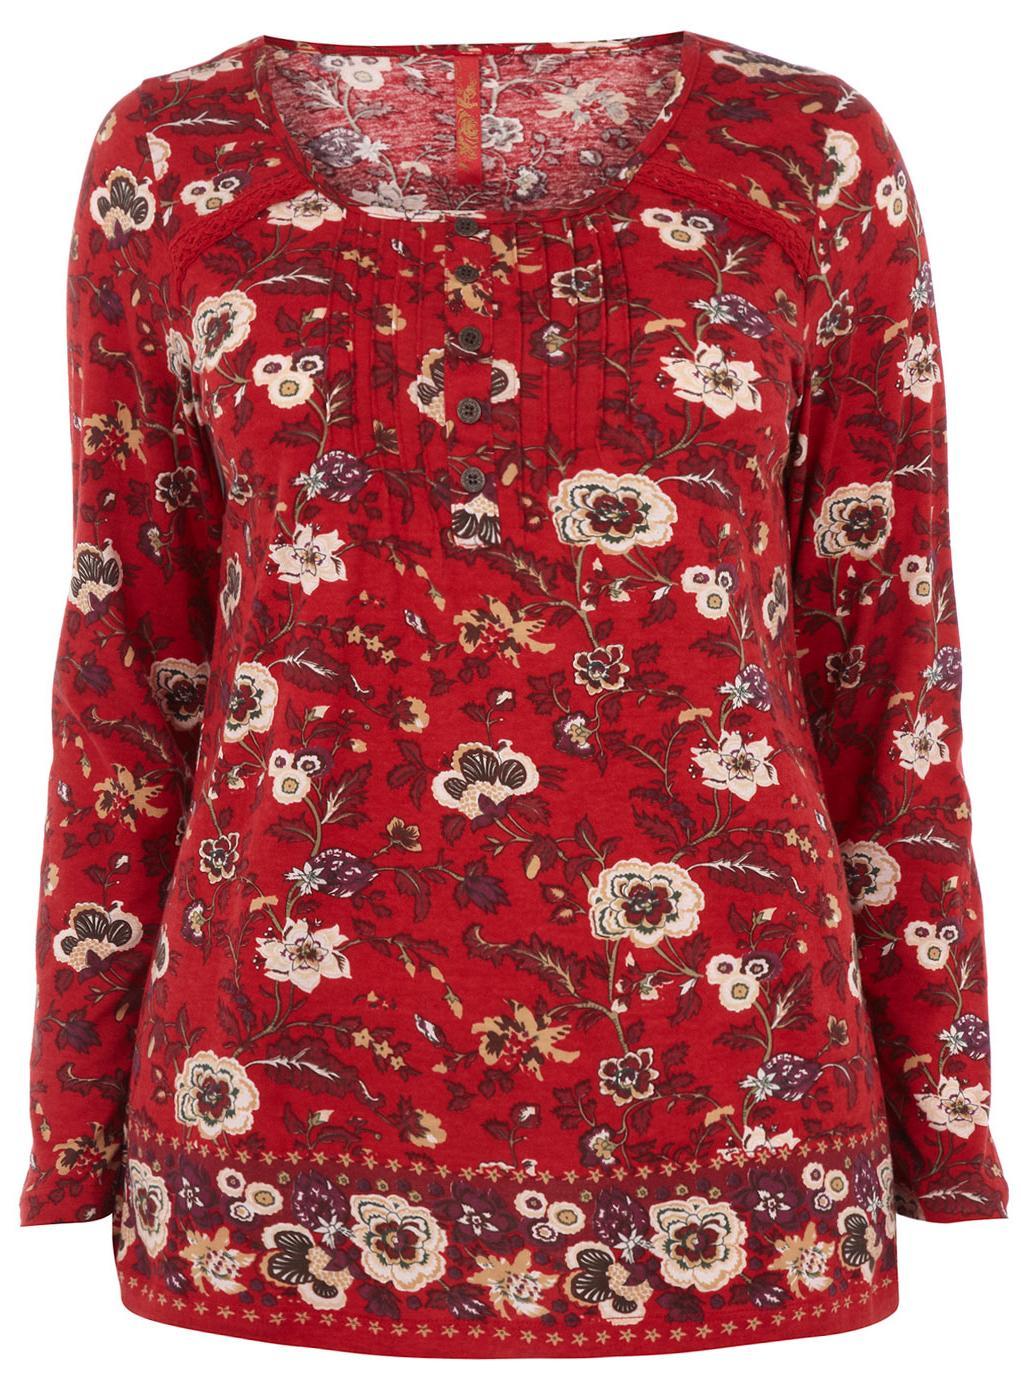 Evans Red Floral Print Top